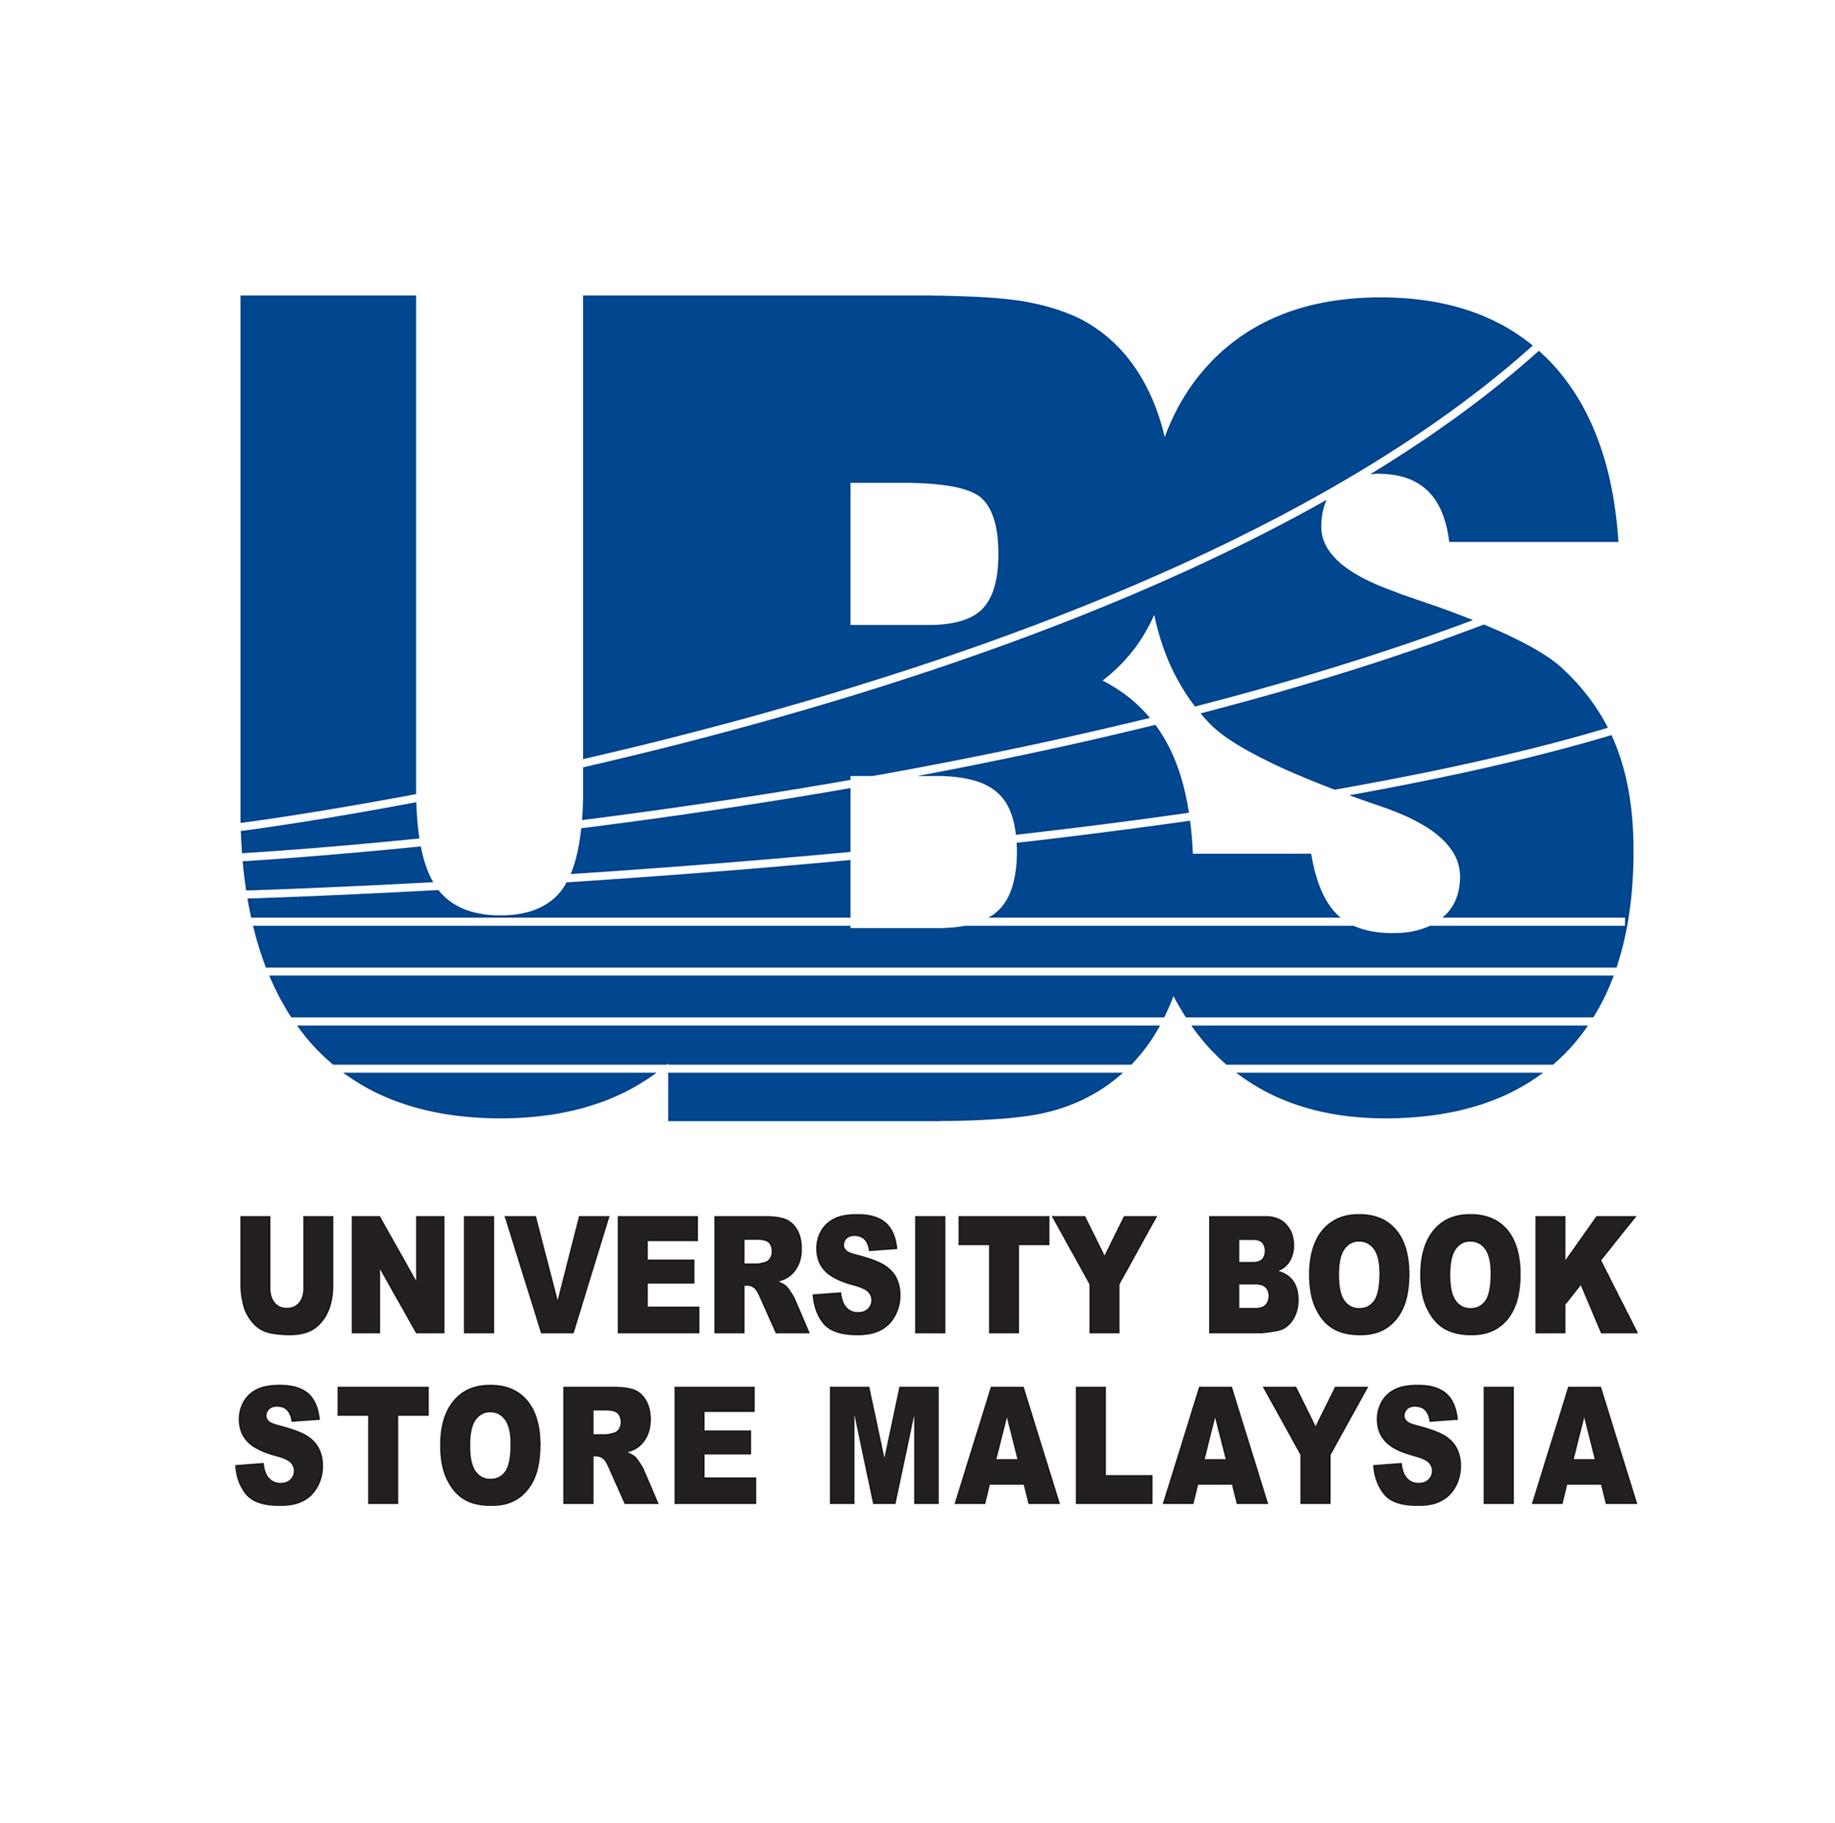 University Book Store Malaysia Hq